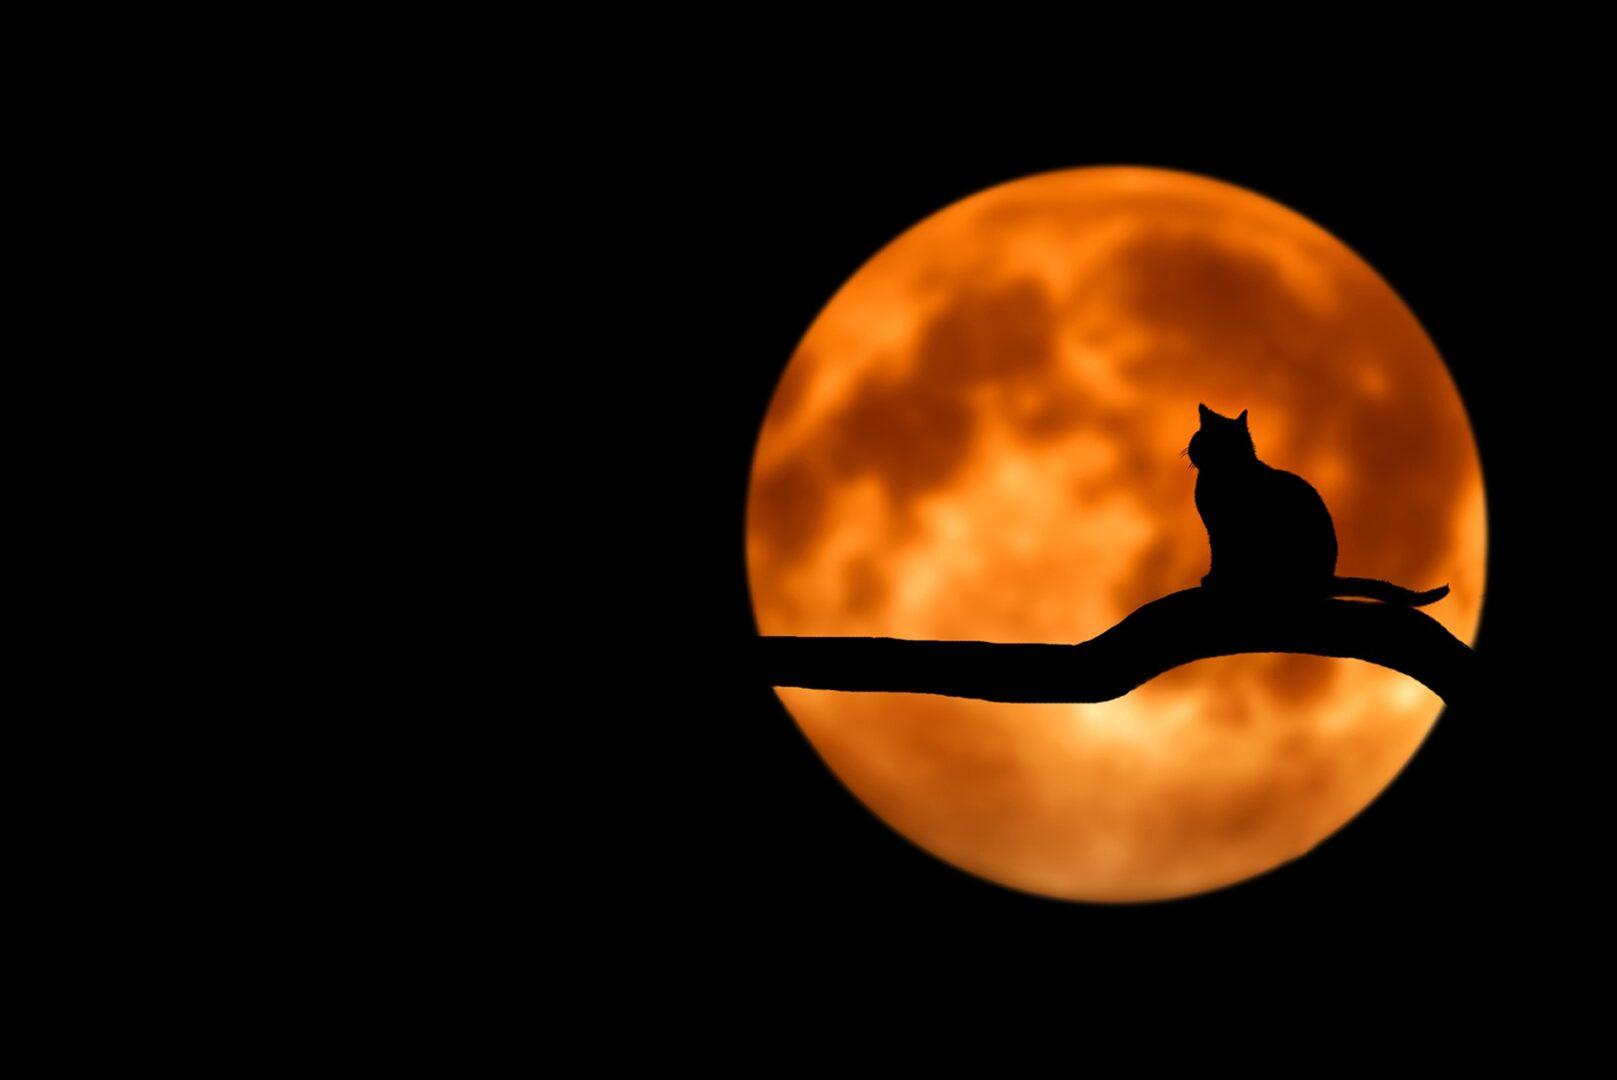 Μαύρη Σελήνη ή Λίλιθ. Η έκπτωτη, η αμαρτωλή, η πρώτη φεμινίστρια, η σκιά που μπορεί να οδηγήσει στο φως!